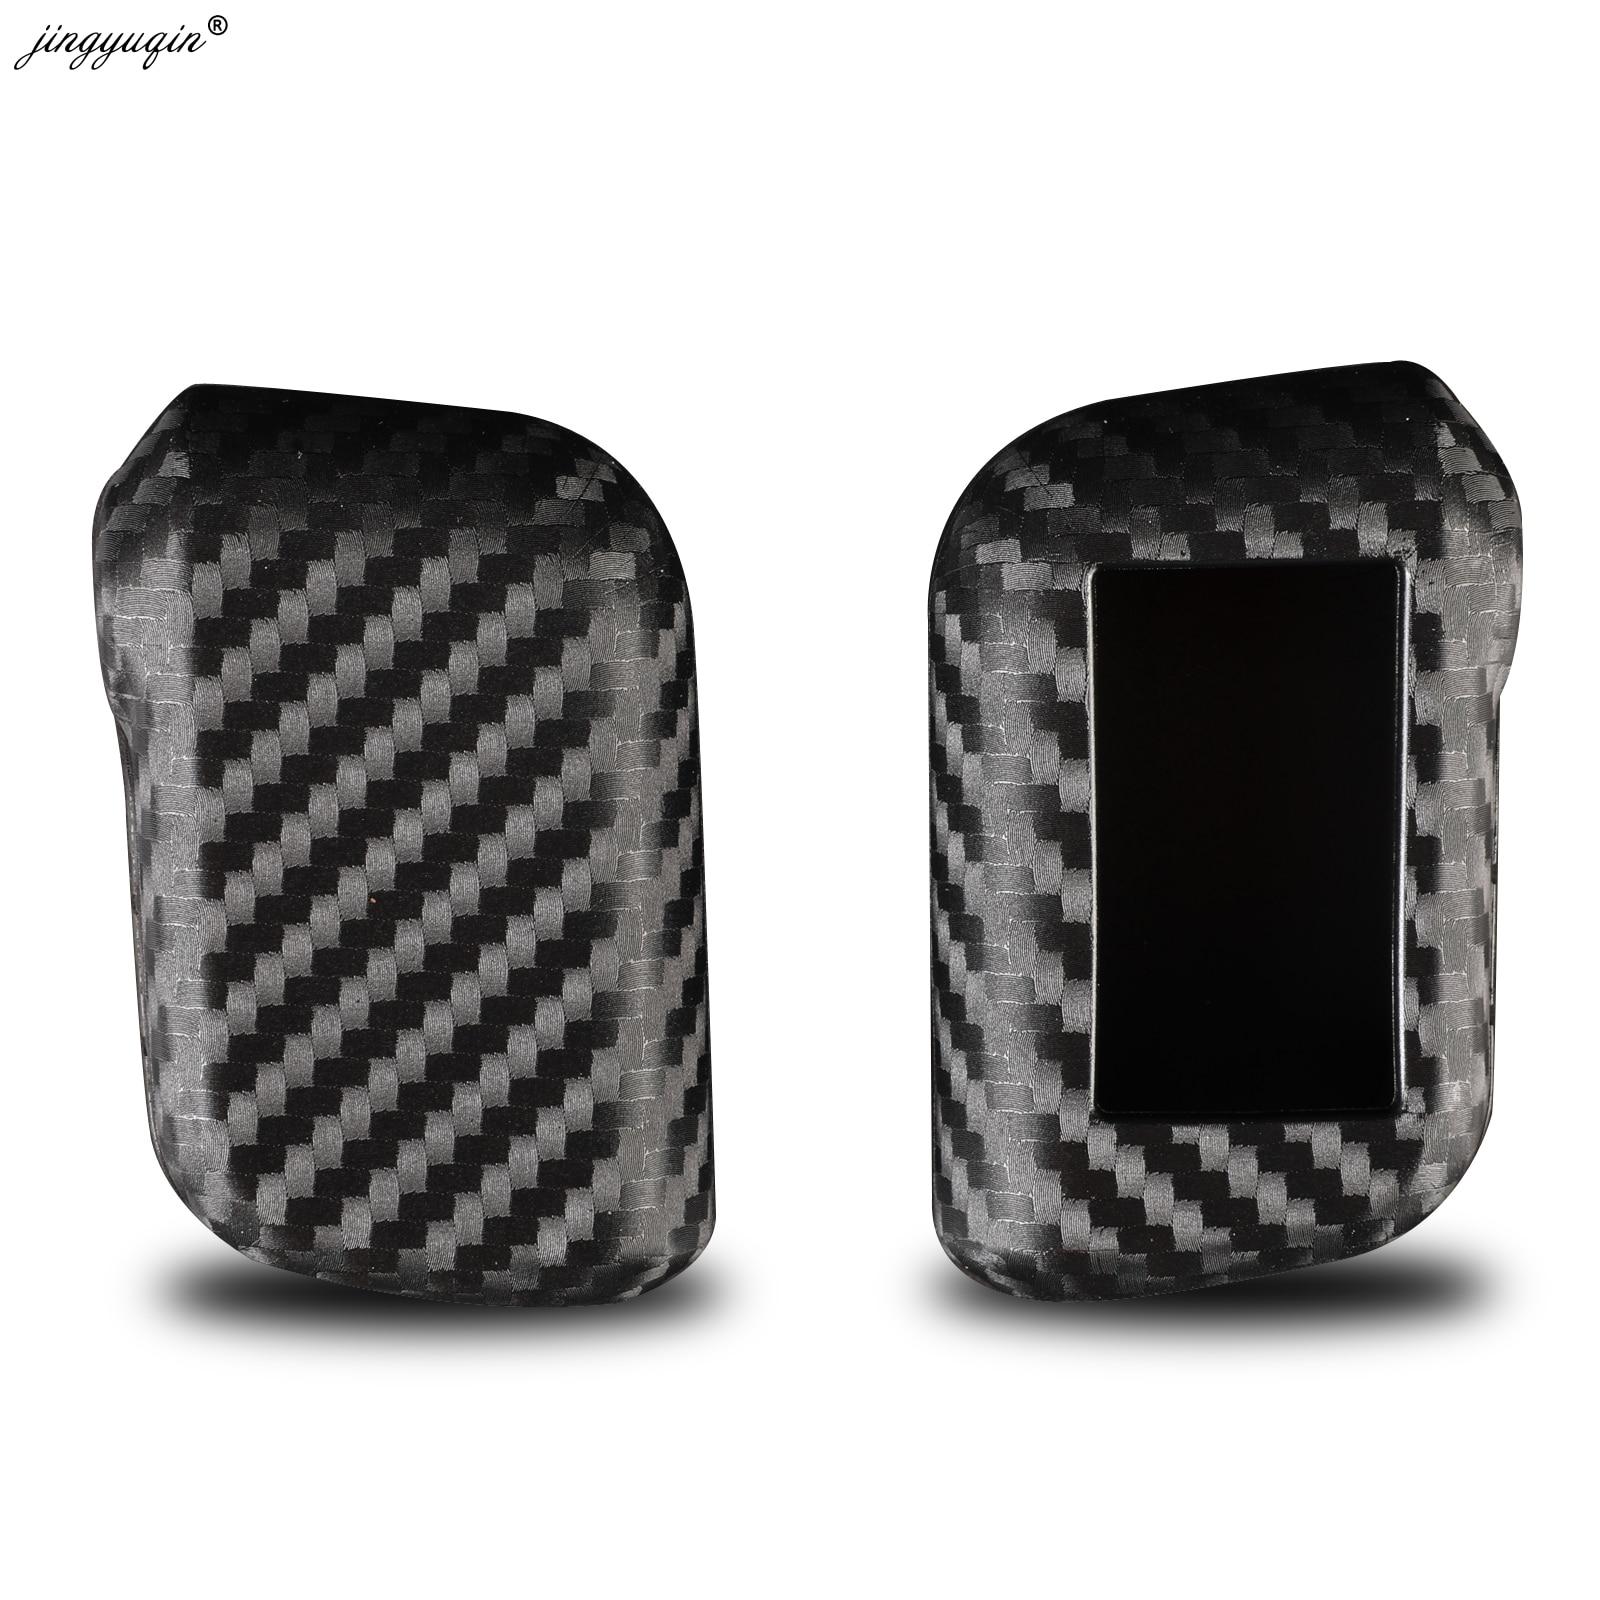 Jingyuqin جديد الكربون غطاء من السيليكون ل Starline A93 A63 A96 سيارة 2 طريقة إنذار مستشعر عن بعد التحكم LCD المفاتيح غطاء سيارة التصميم